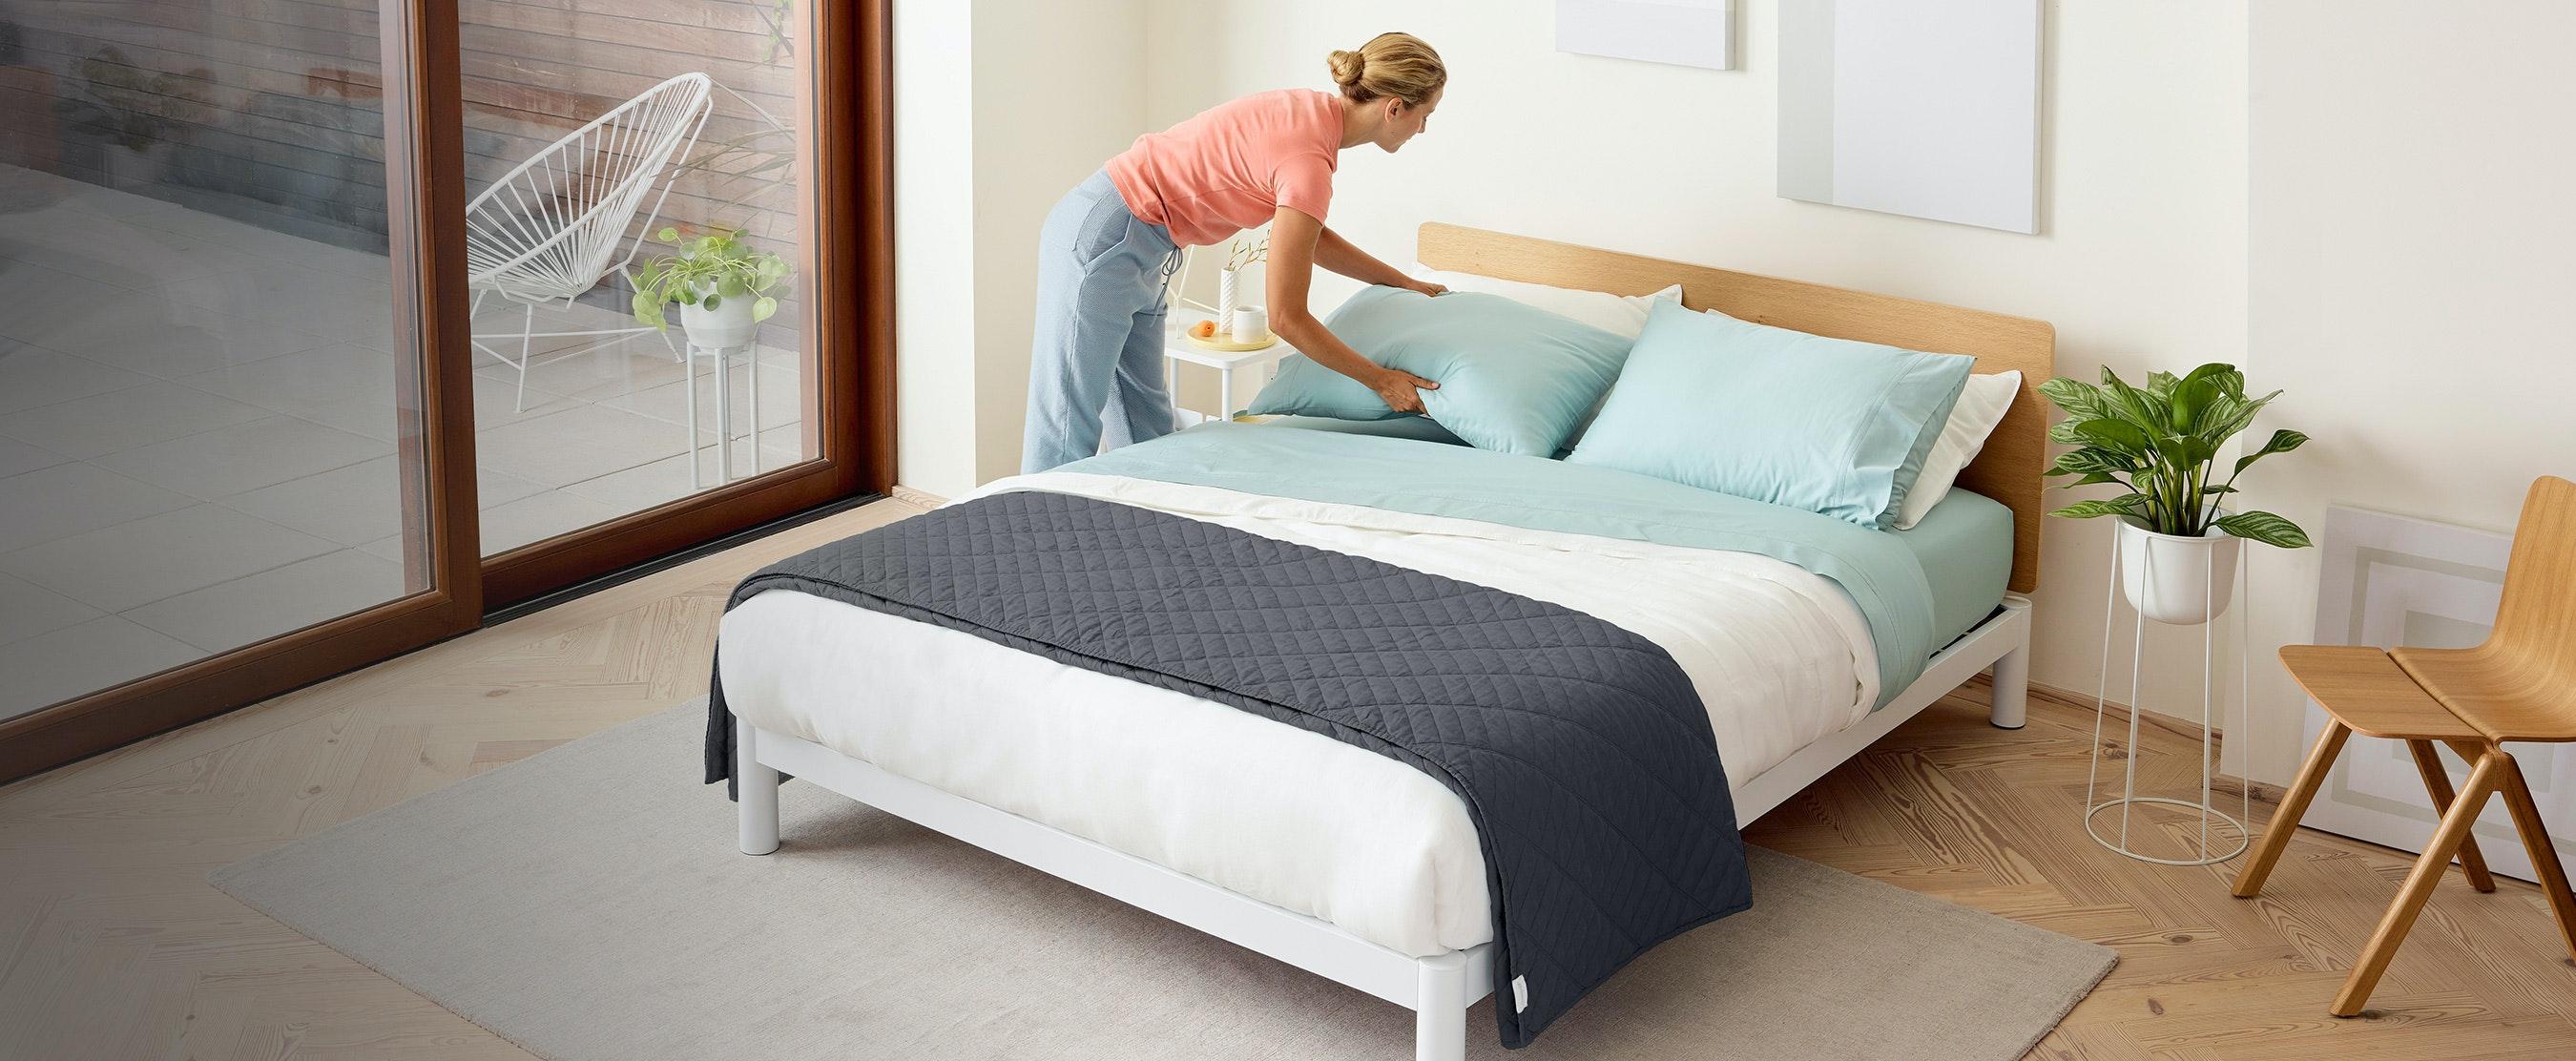 A Platform Bed Frame Fit For A Casper.